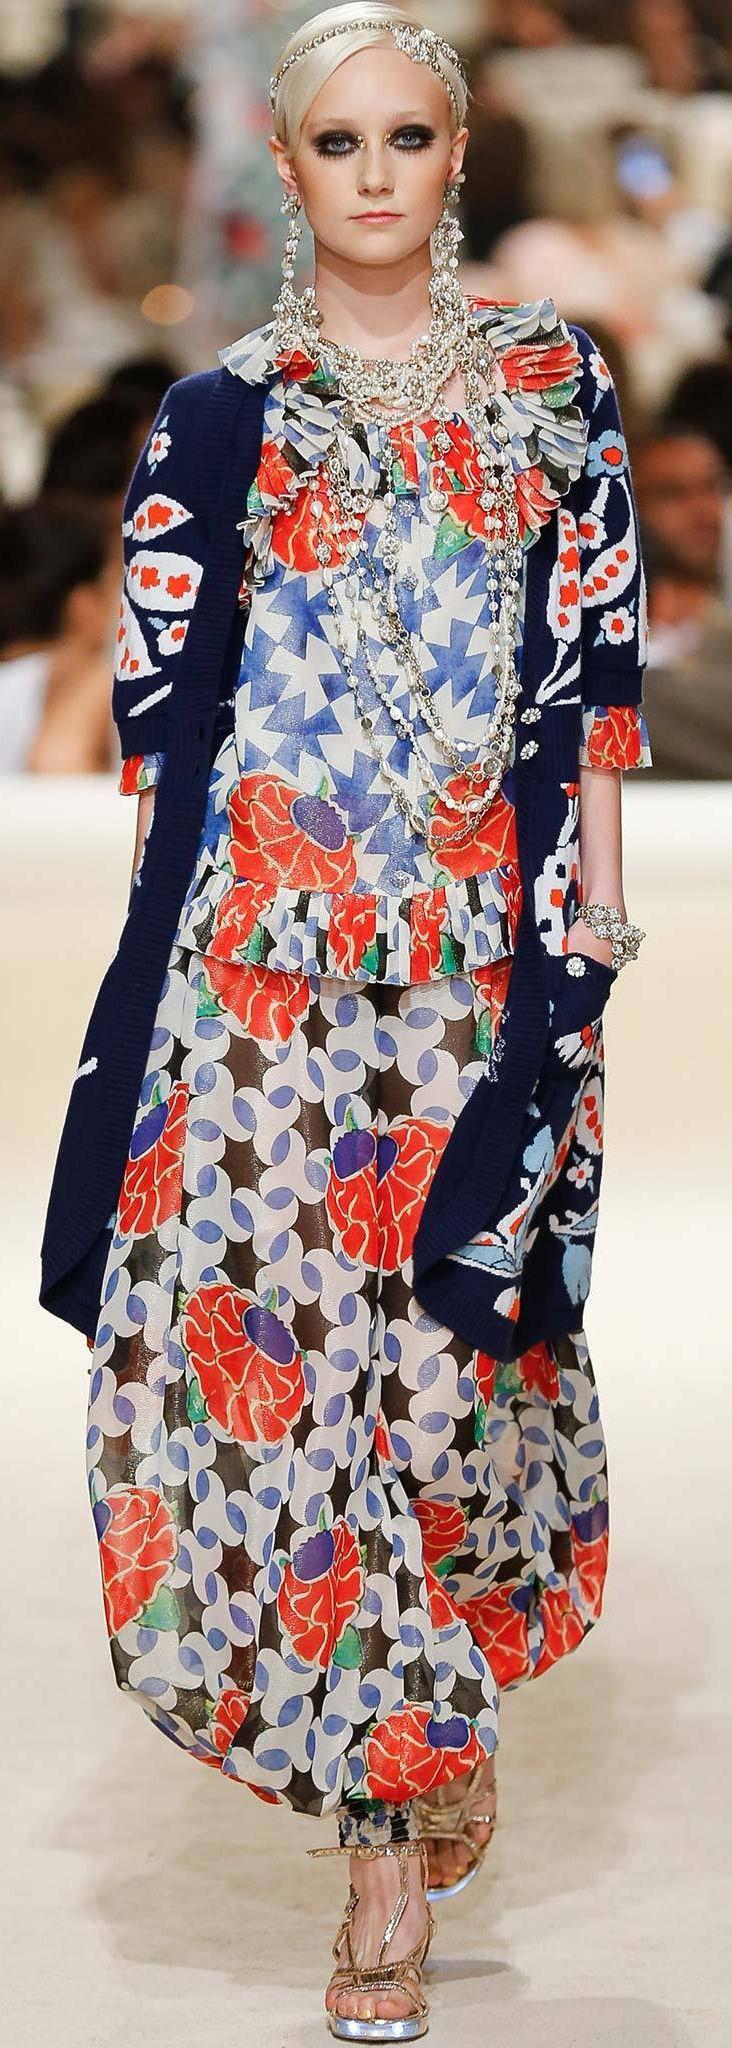 シャネルの花柄ファッション、リゾートにいかが?タイプ別ハイファッションのアイデア☆ 明日のスタイルの参考に♪